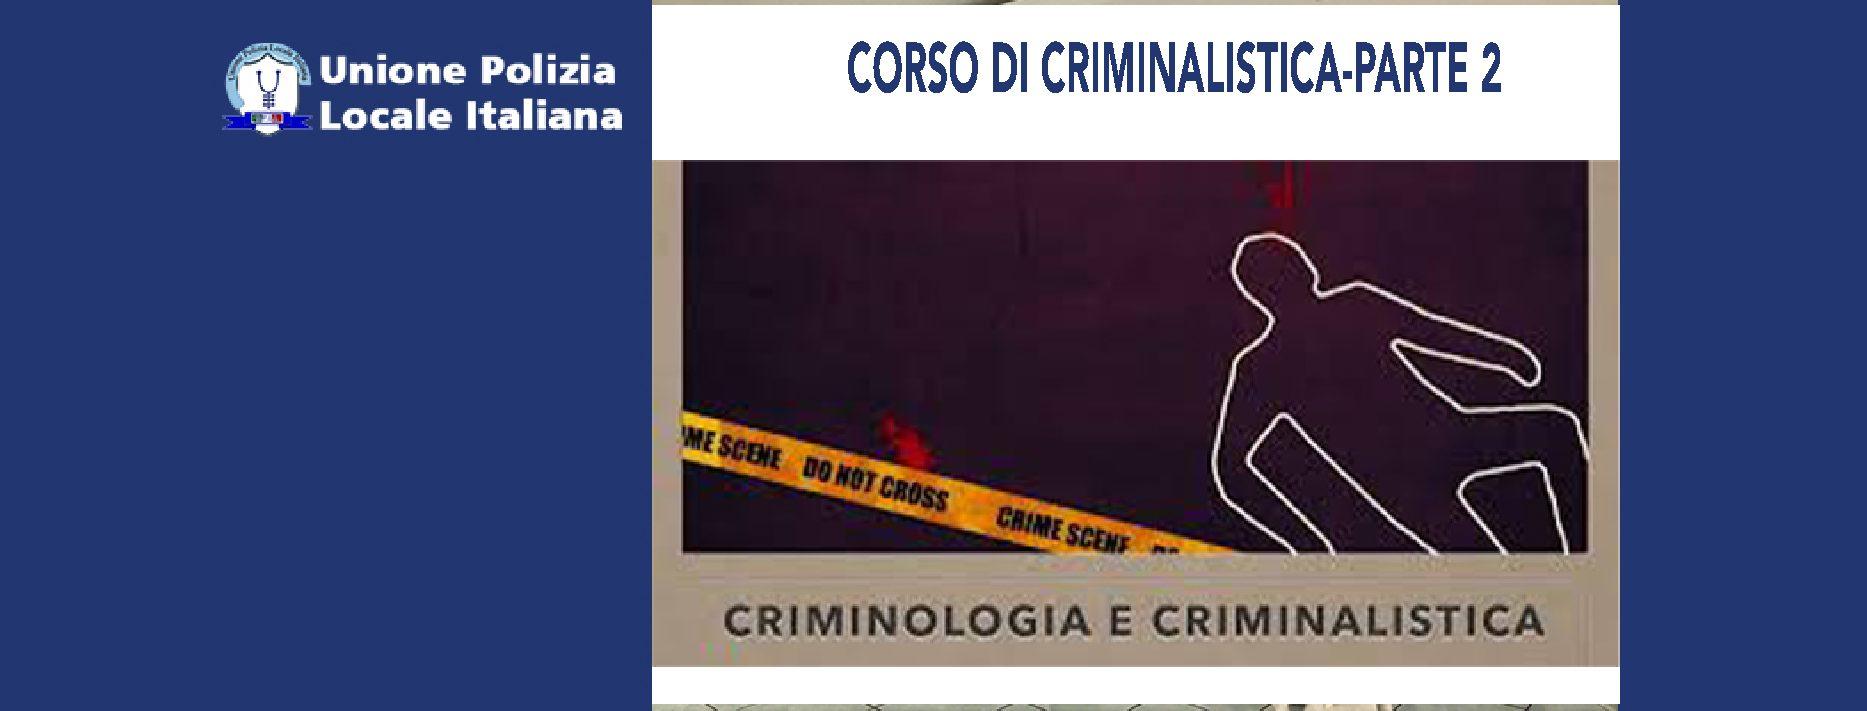 CORSO DI CRIMINALISTICA-Parte 2